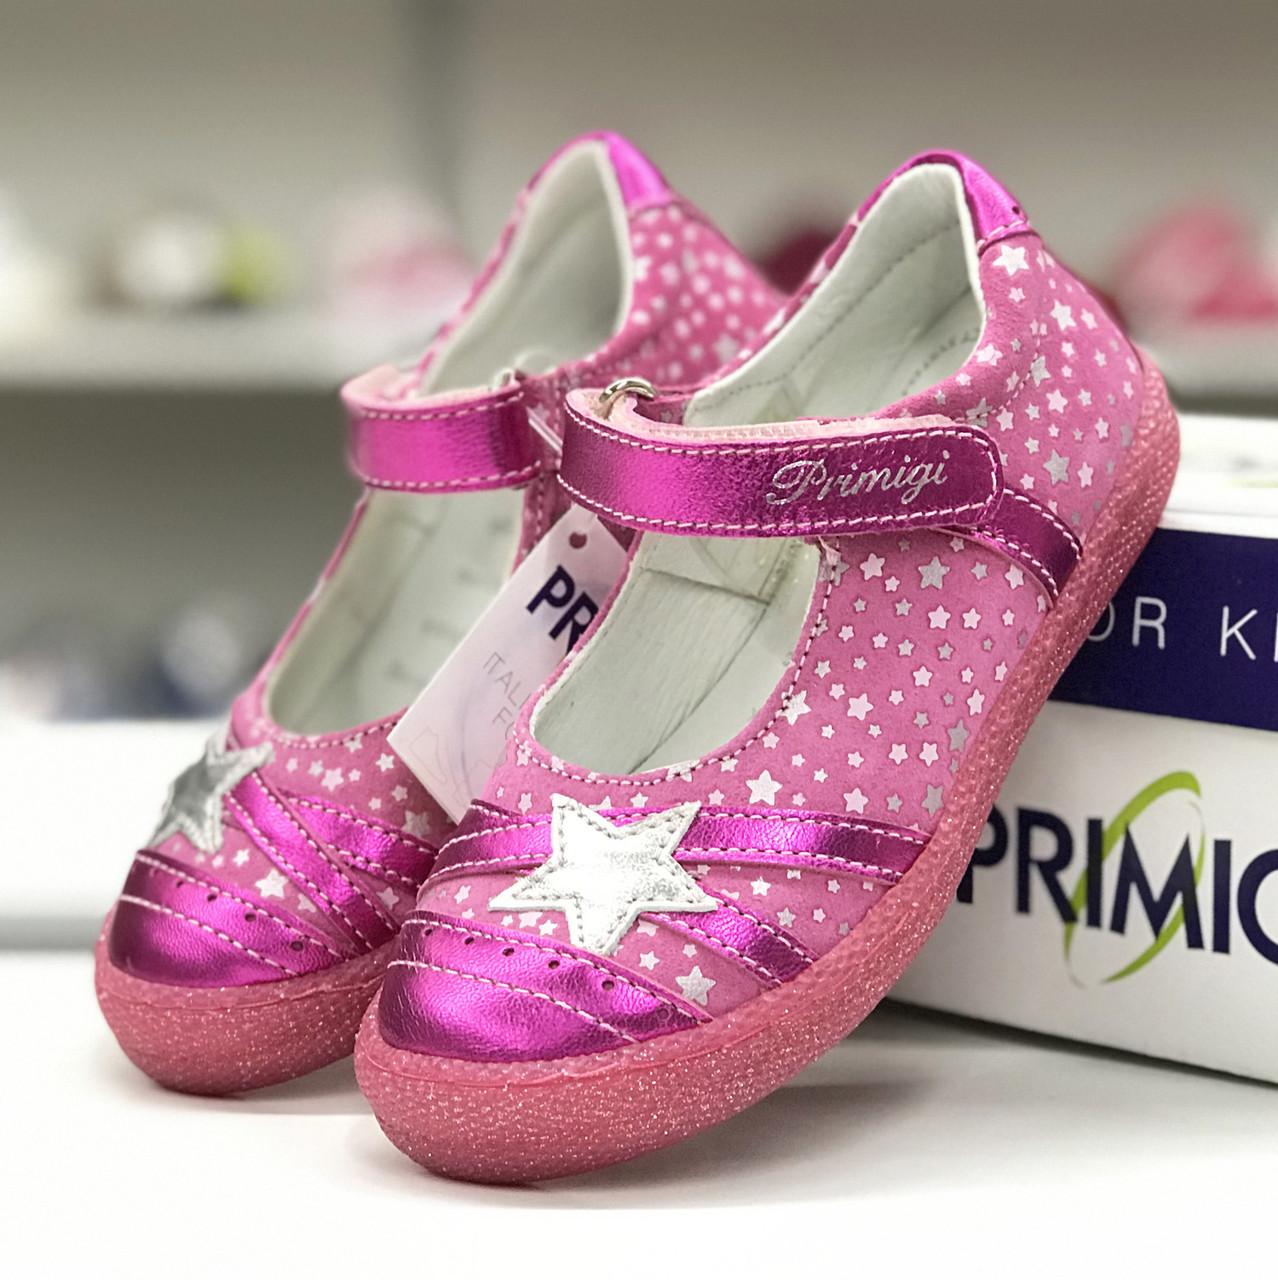 f6d9882e7 Кожаные туфли для девочки PRIMIGI (Италия) р 25, нарядные детские туфельки  - Интернет